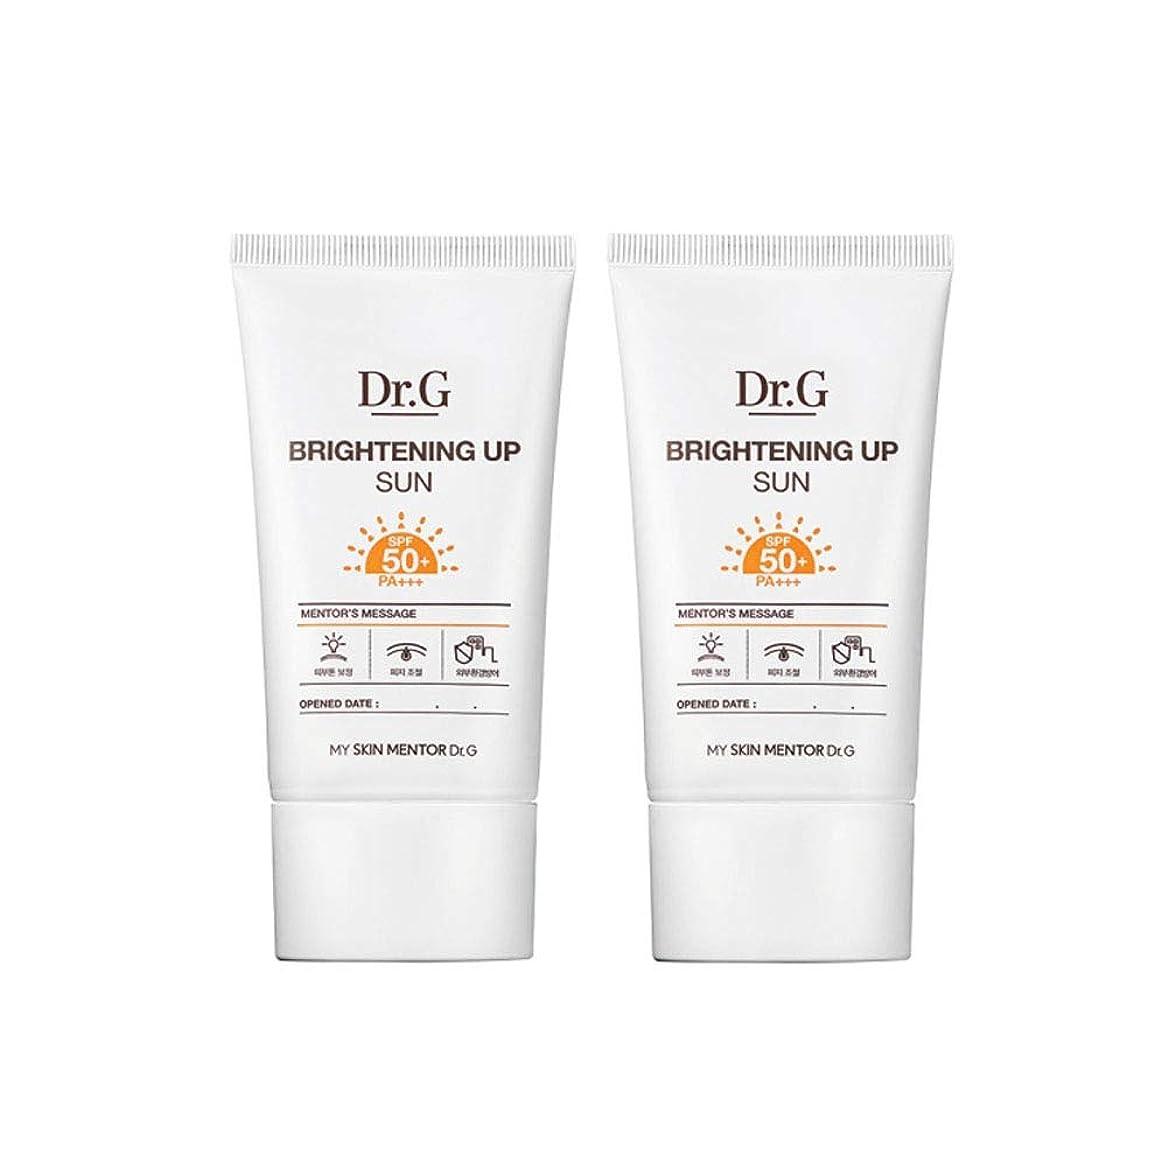 日食ラダモジュールドクターGブライトニングアップサンSPF50+ PA+++50ml x2本セットサンクリーム、Dr.G Brightening Up Sun SPF50+ PA+++ 50ml x 2ea Set Sun Cream [並行輸入品]